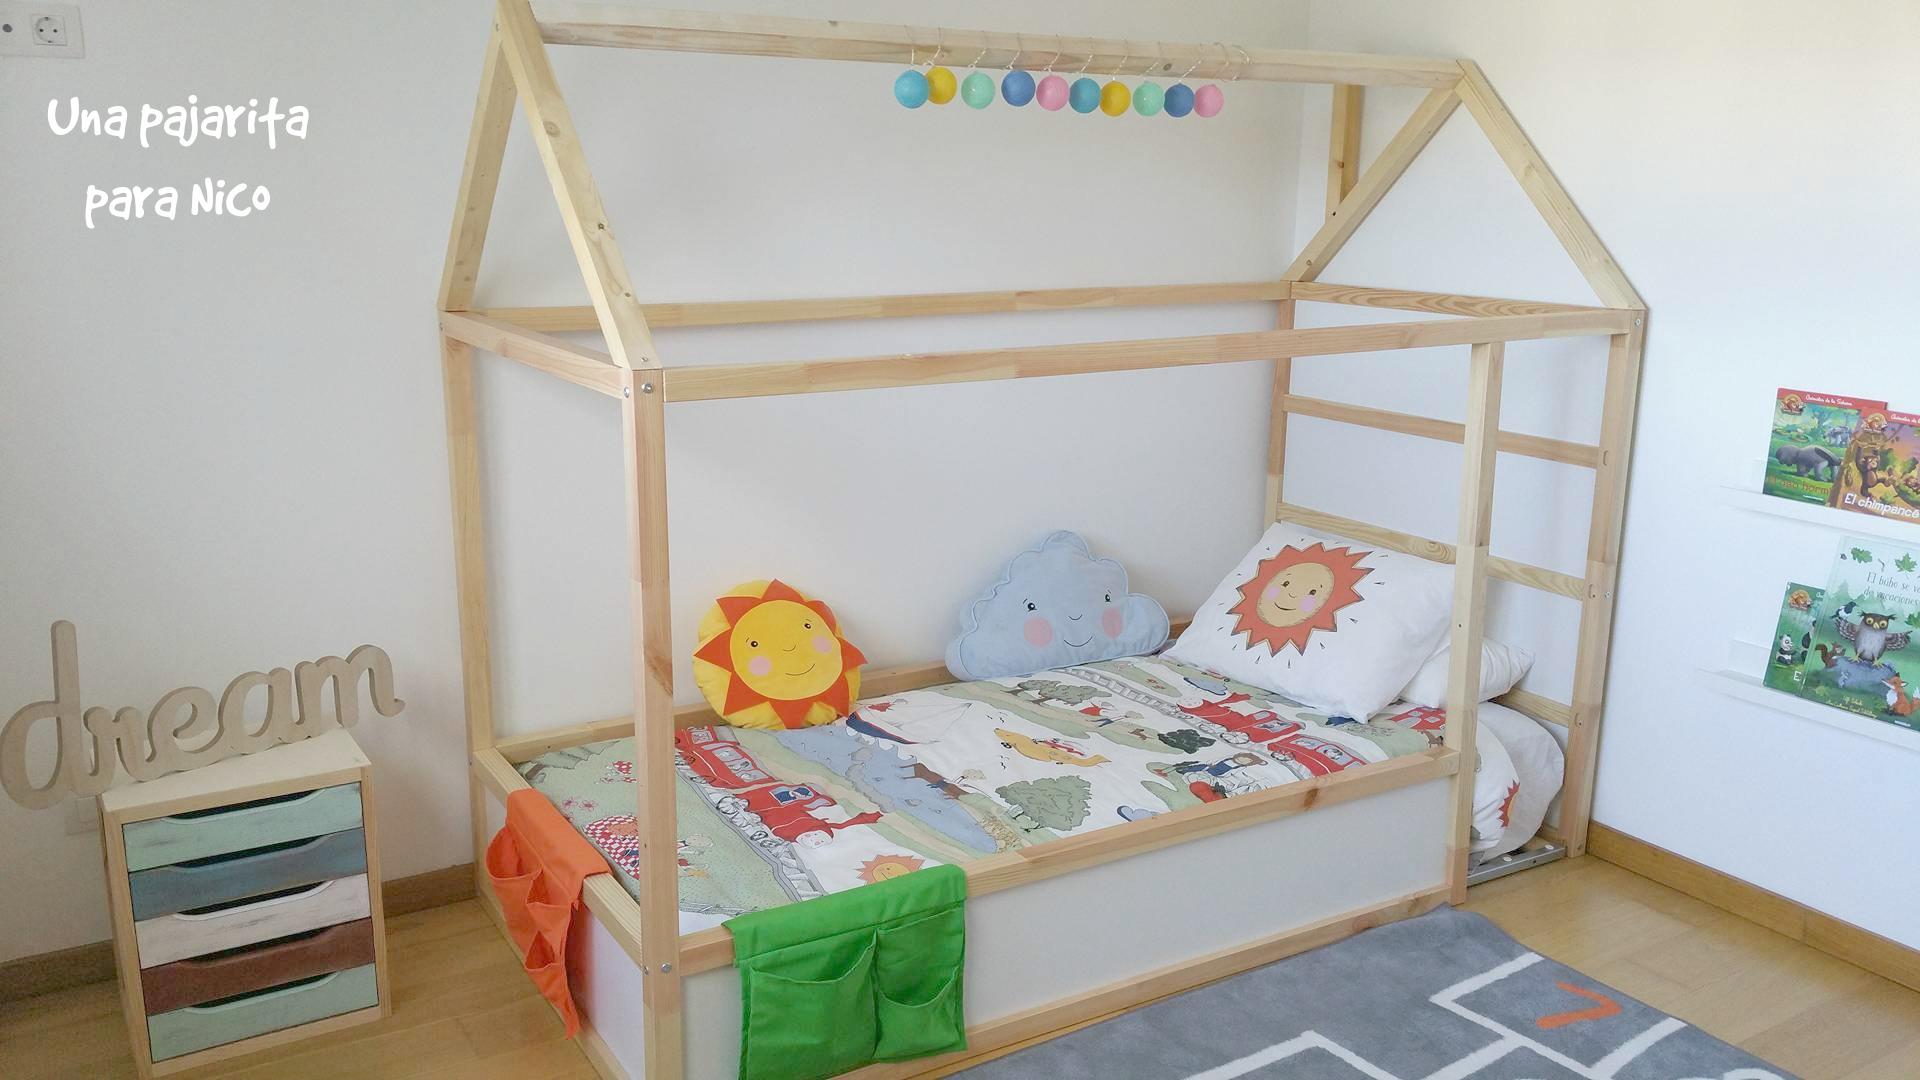 Montessori Cama Para Diy Pajarita Kura Nico – Casita Con Una stCBrdxhQ